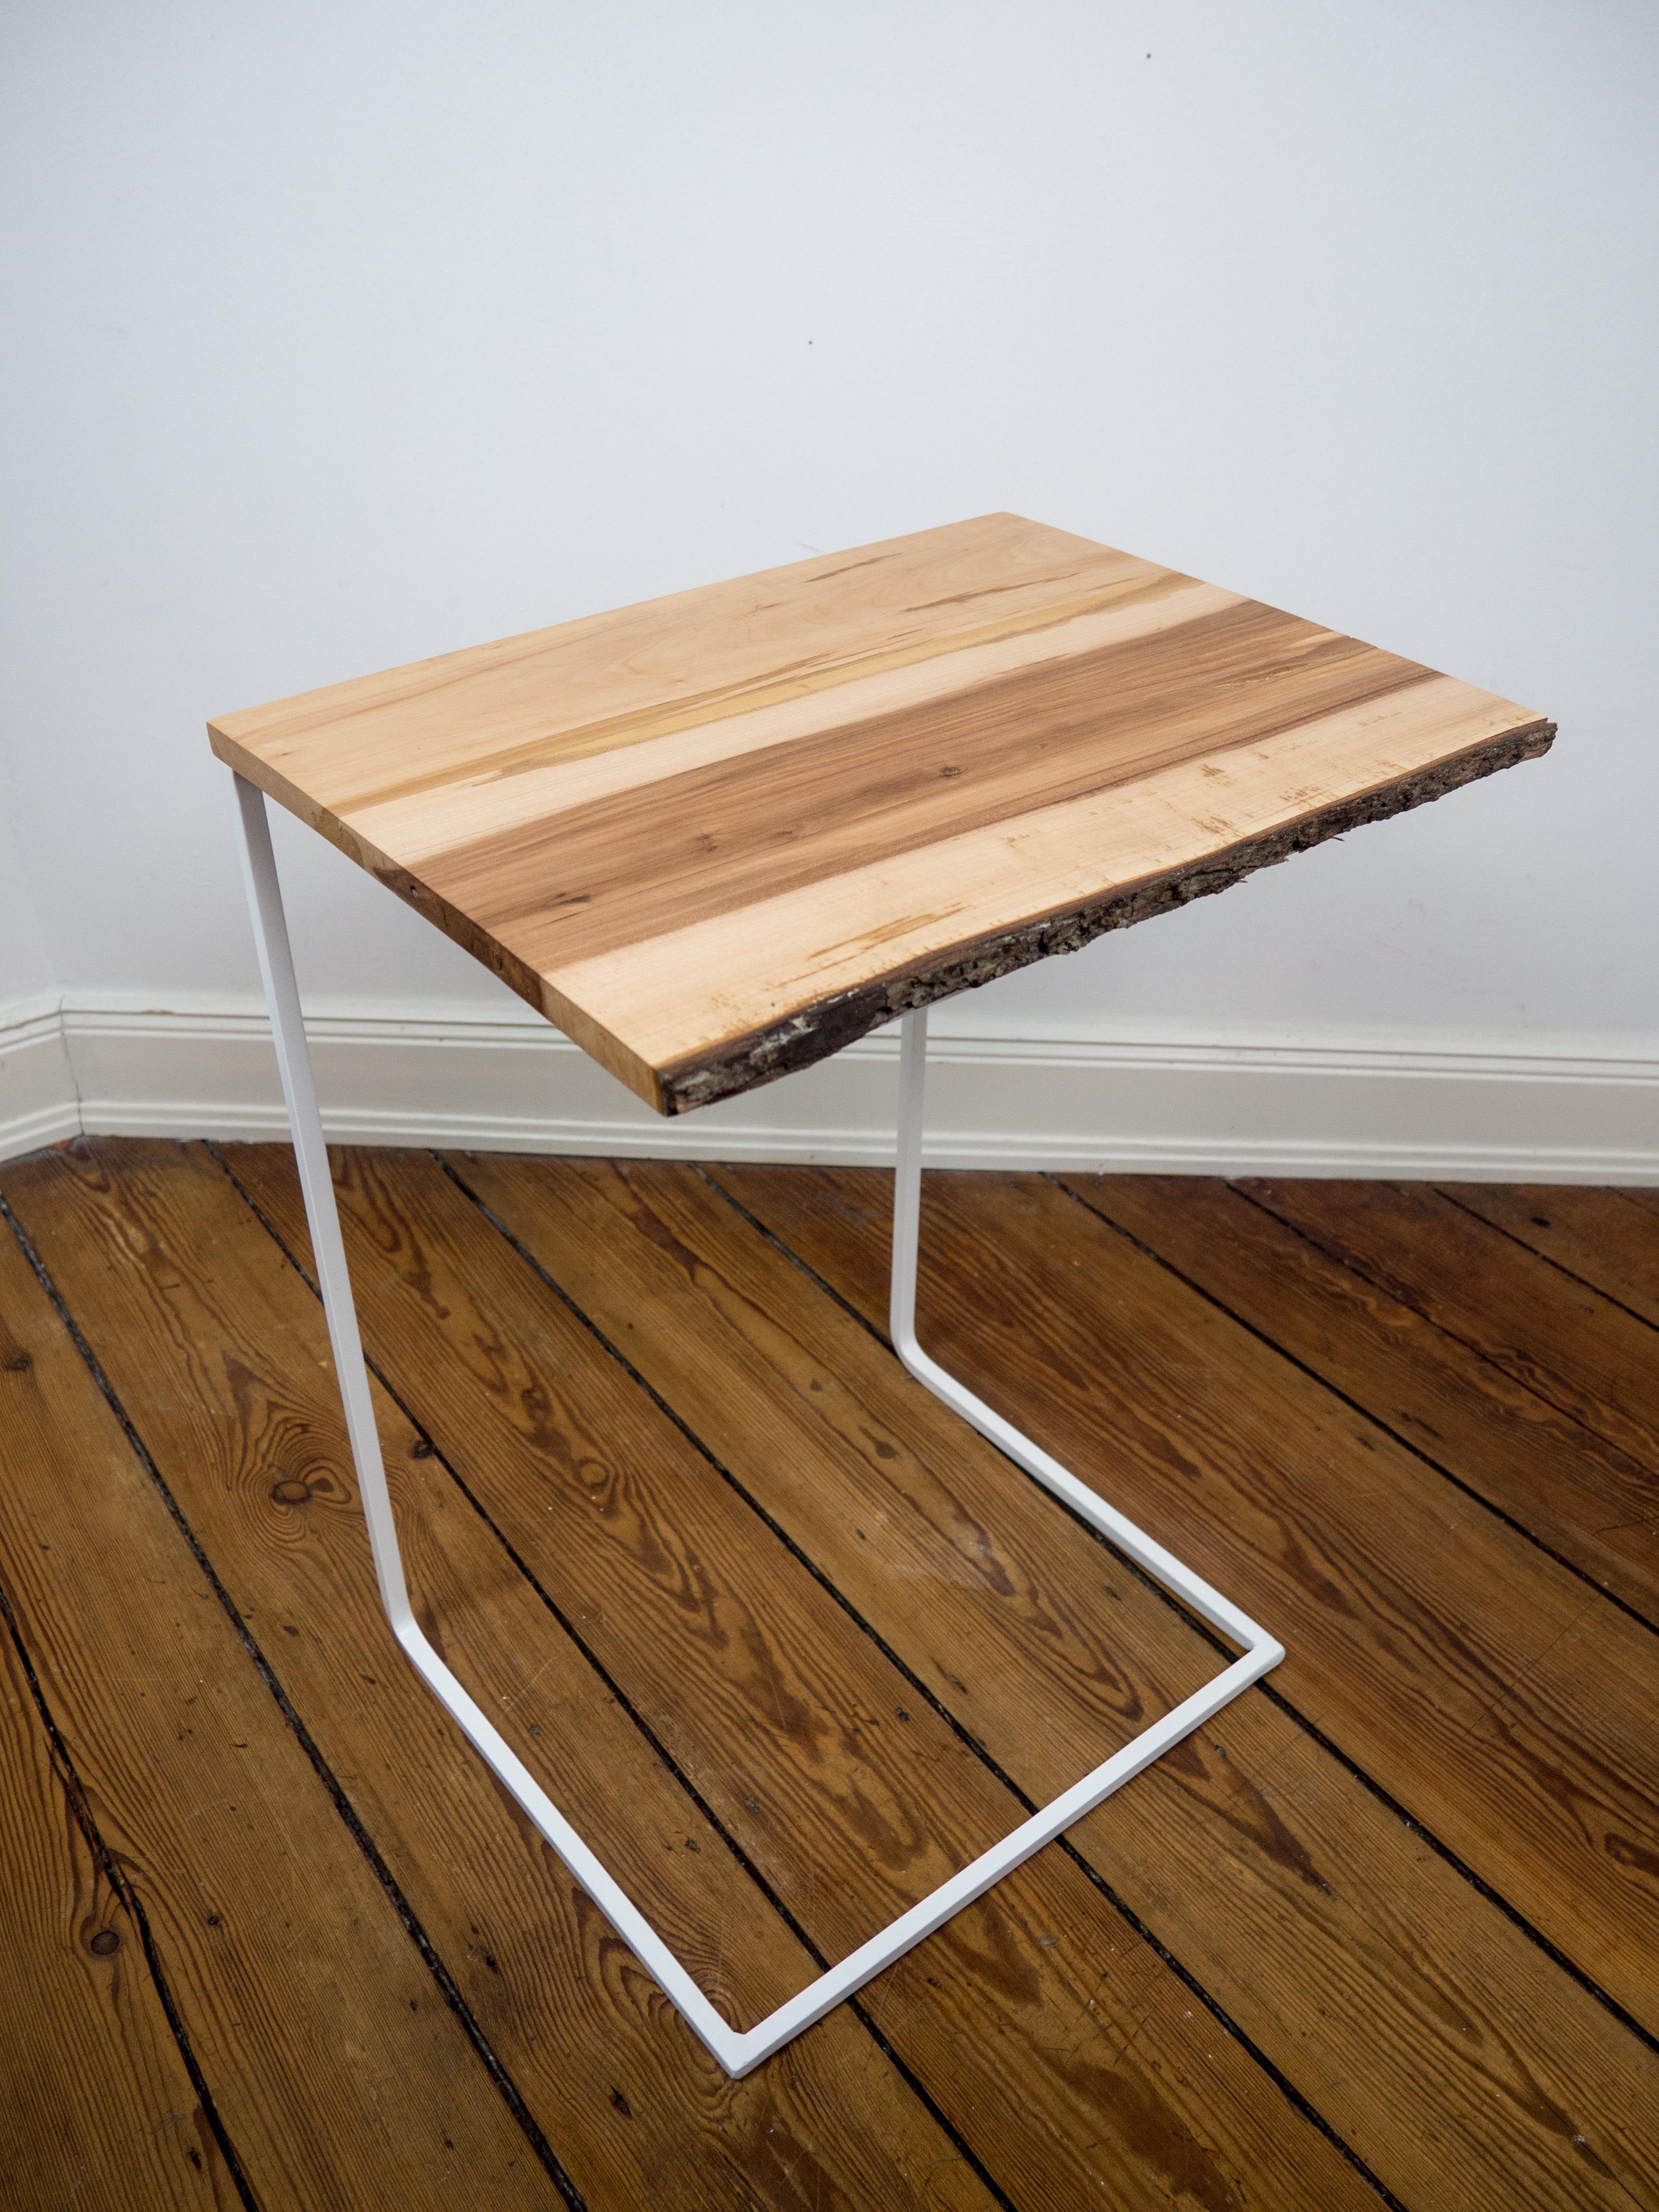 Möbeldesign Hamburg beistelltisch 10 knoten möbeldesign hamburg beistelltisch